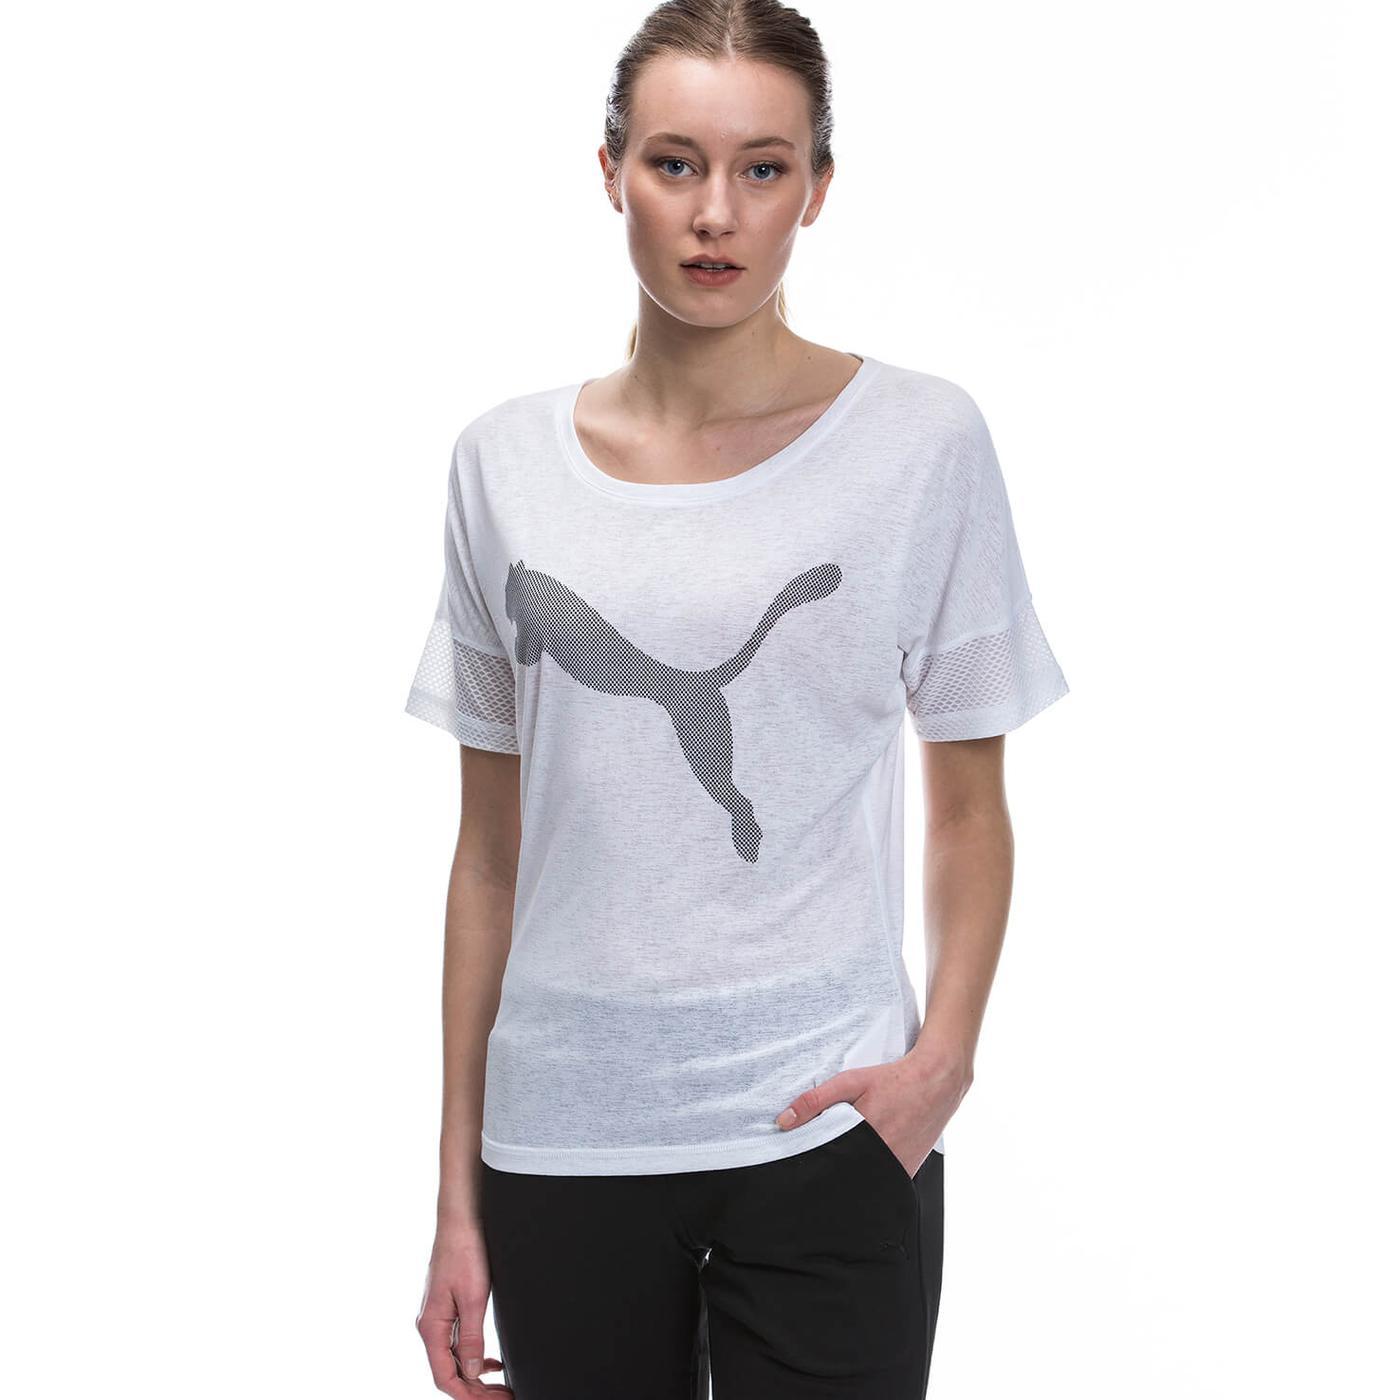 Puma Loose Tee Kadın Beyaz TShirt